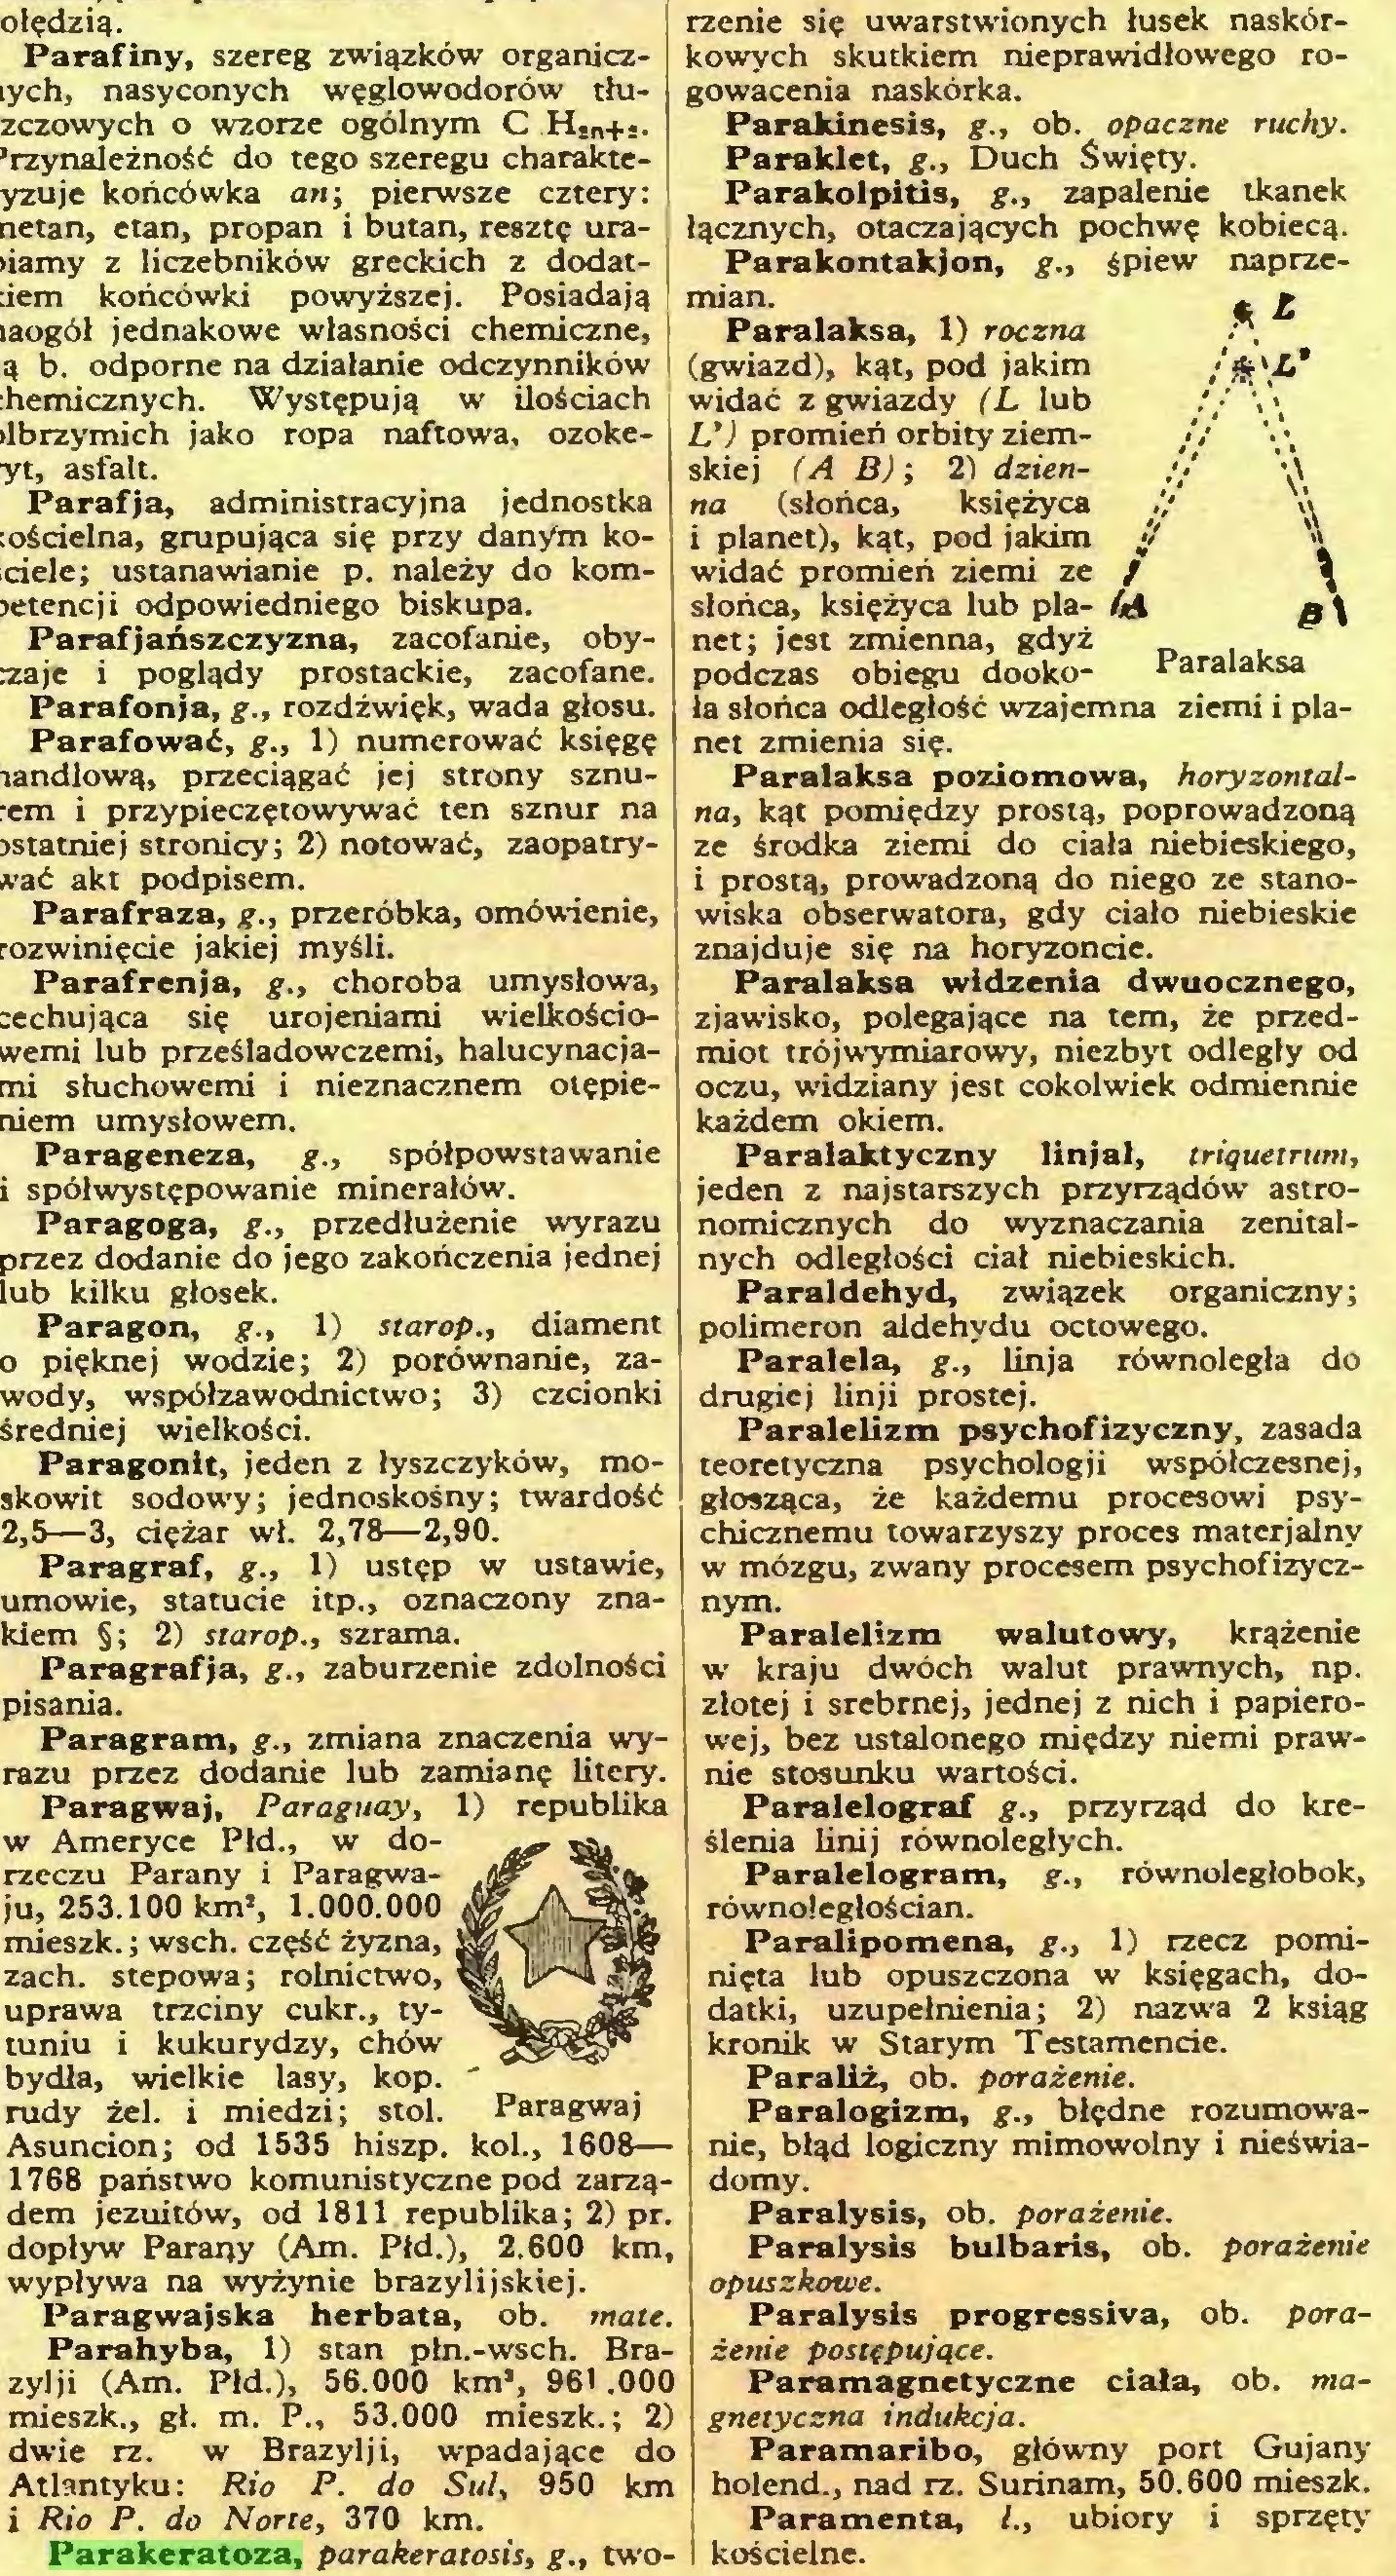 (...) Parakeratoza, parakeratosis, g., two- /*»<** rżenie się uwarstwionych łusek naskórkowych skutkiem nieprawidłowego rogowacenia naskórka...